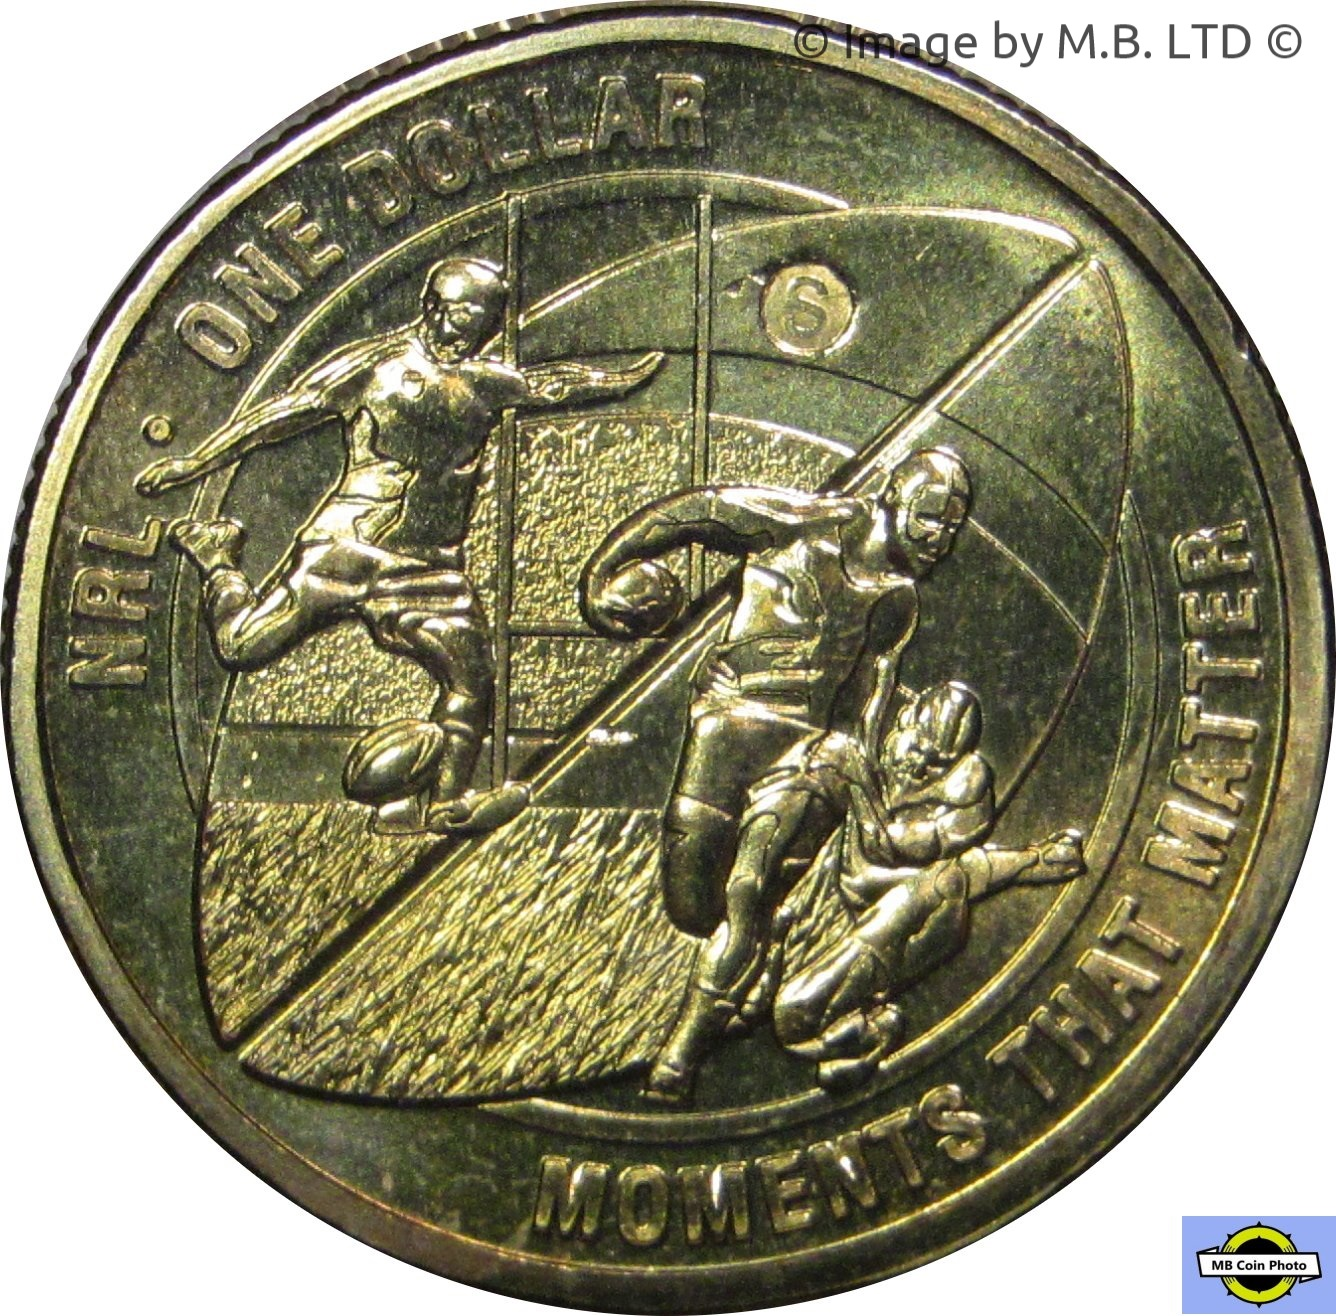 nrl coin